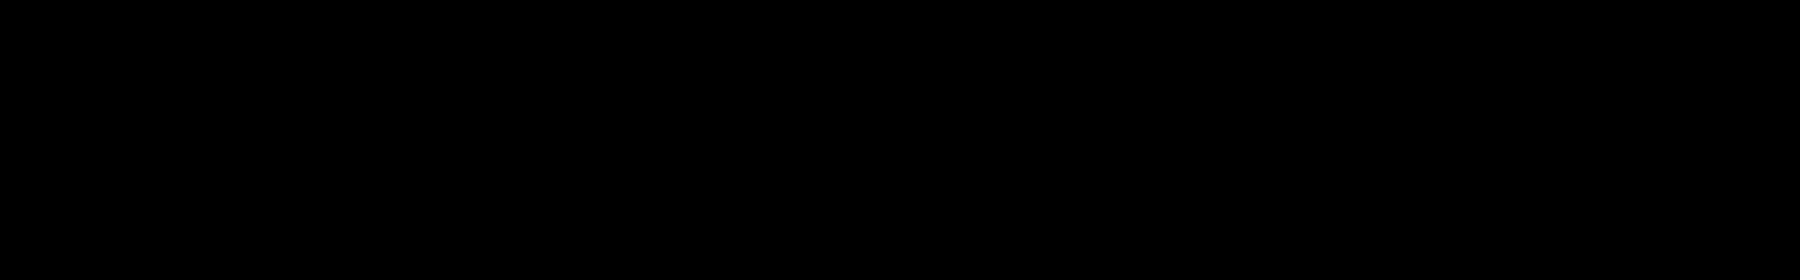 Riemann Industrial Techno 1 audio waveform